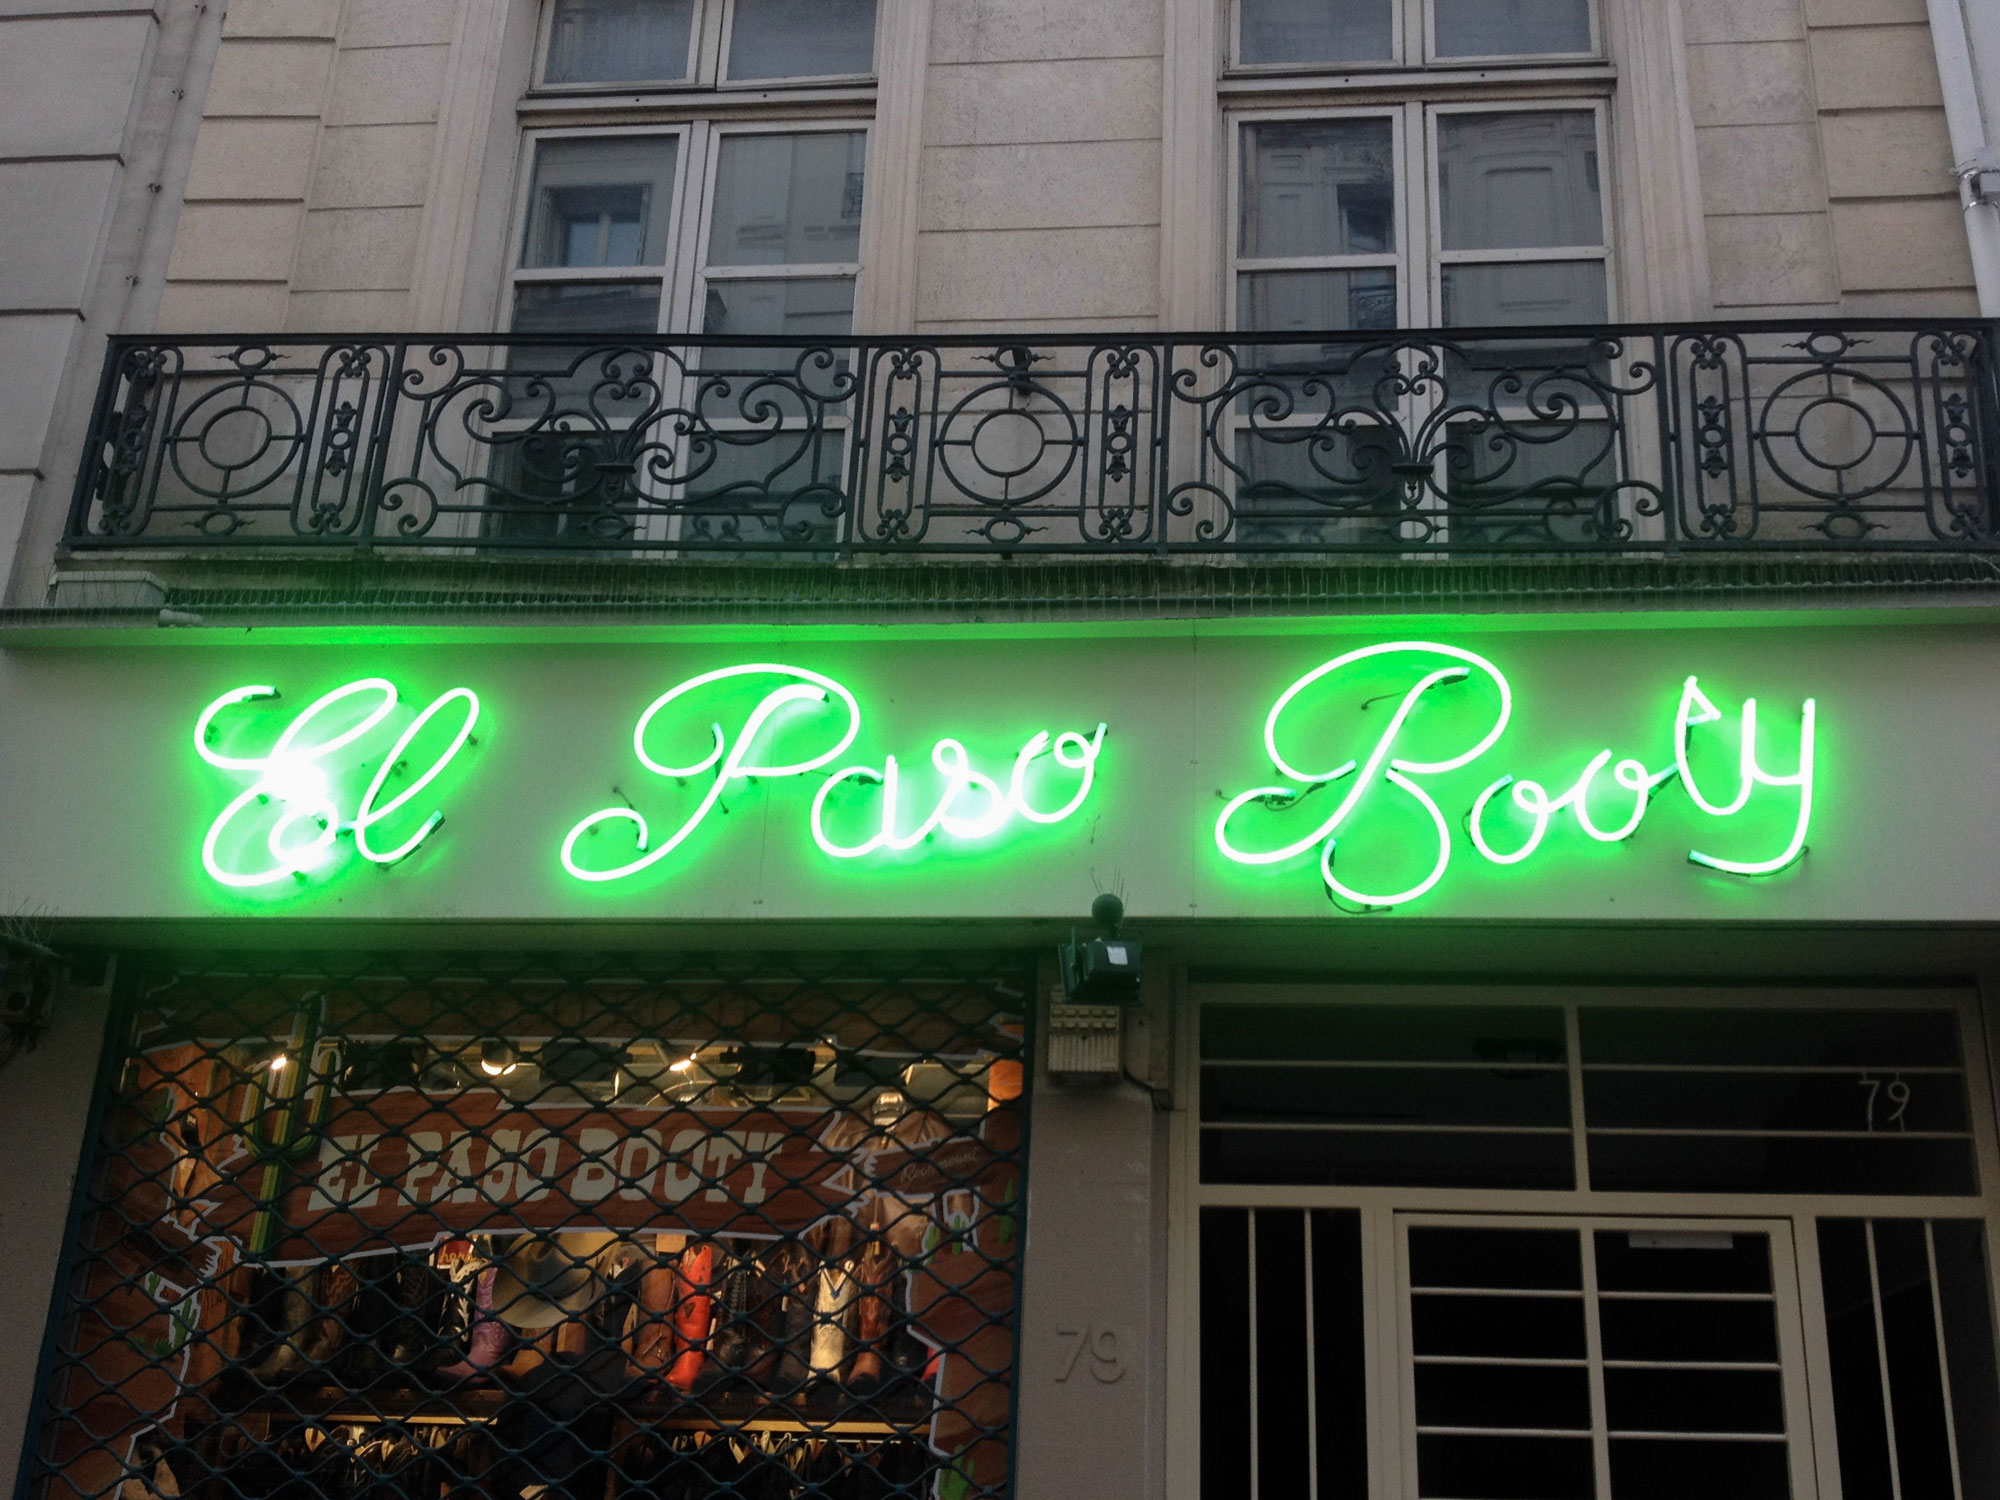 Paris, France, 2015